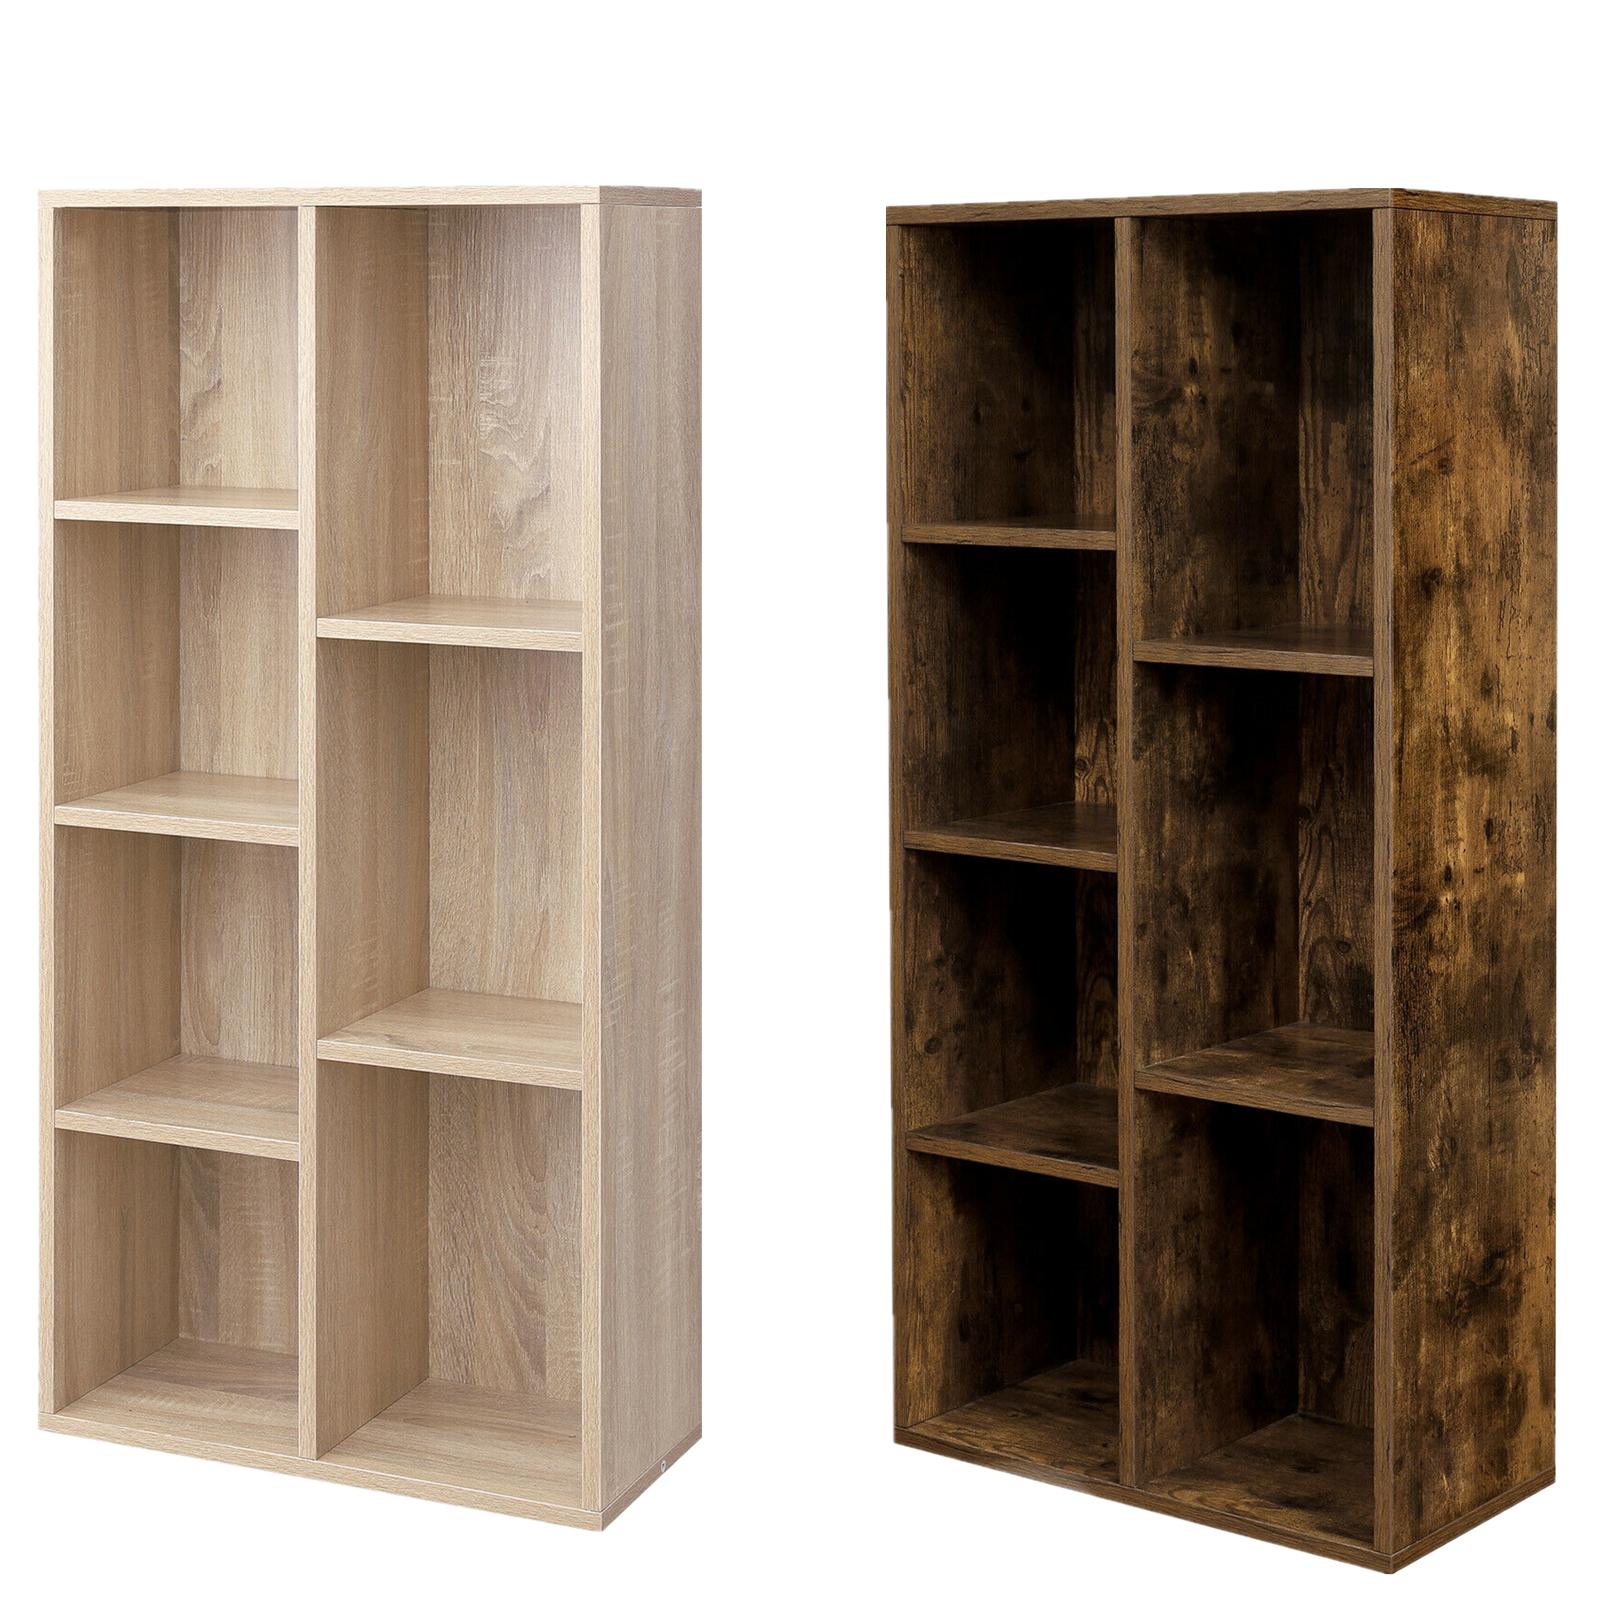 VASAGLE Bücherregal Raumteiler 7 Fächer Standregal Aktenregal Eiche/Vintage Holz